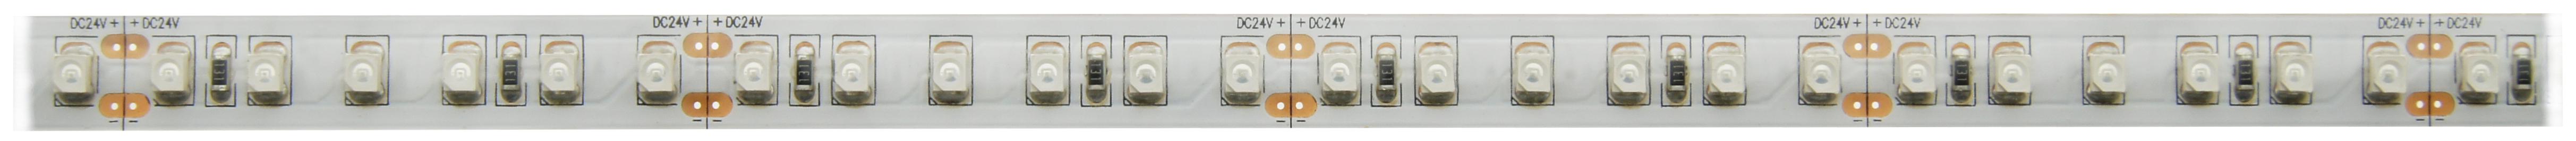 1 Stk Flexstrip 48 Grün, 8,6W/m, 525lm/m, 24VDC, IP44, l=5m LIFS002007